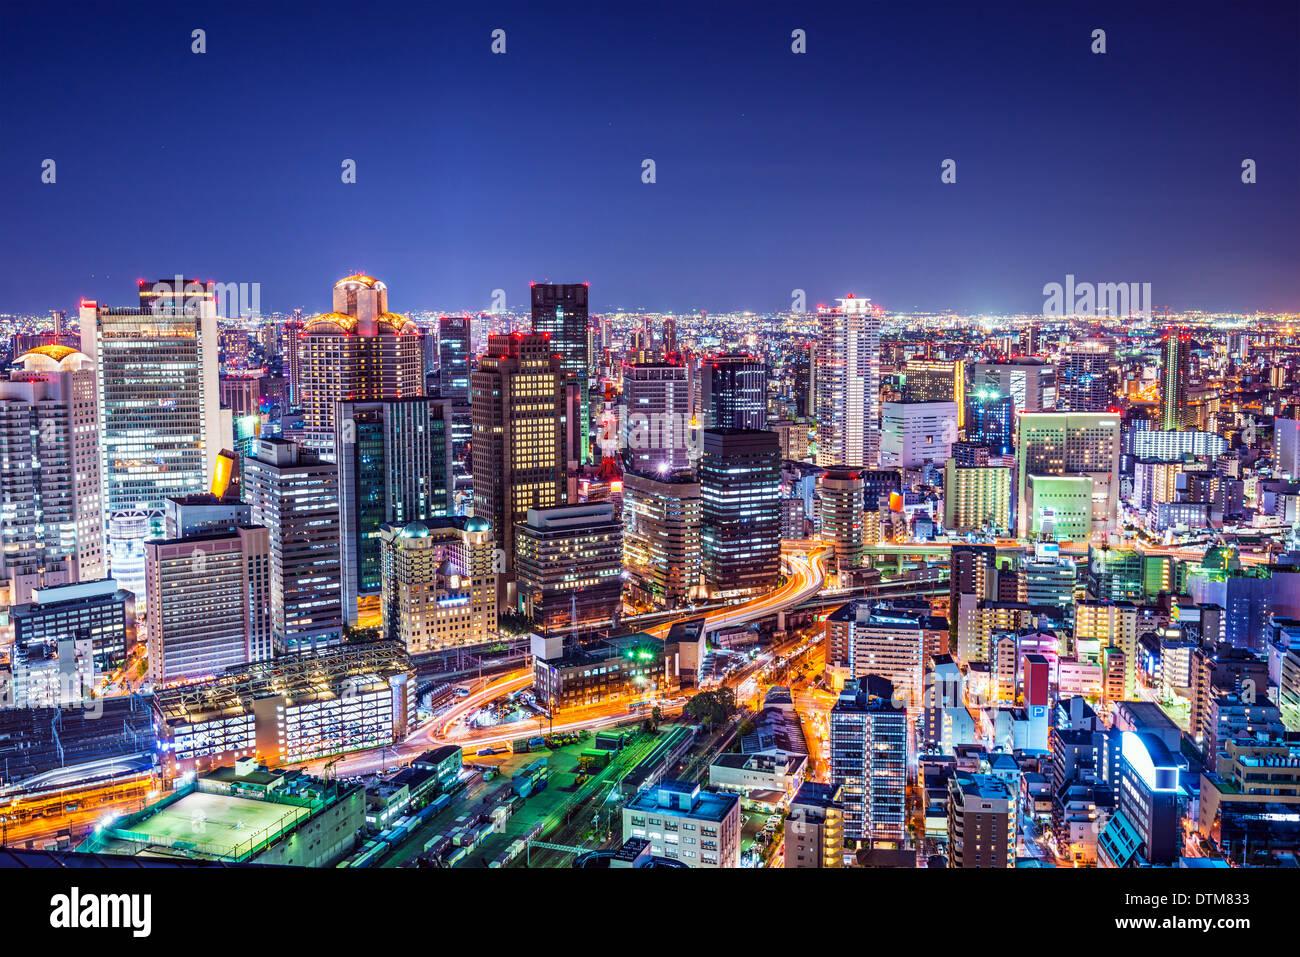 Osaka, Japan am Wahrzeichen Umeda Bezirk. Stockbild